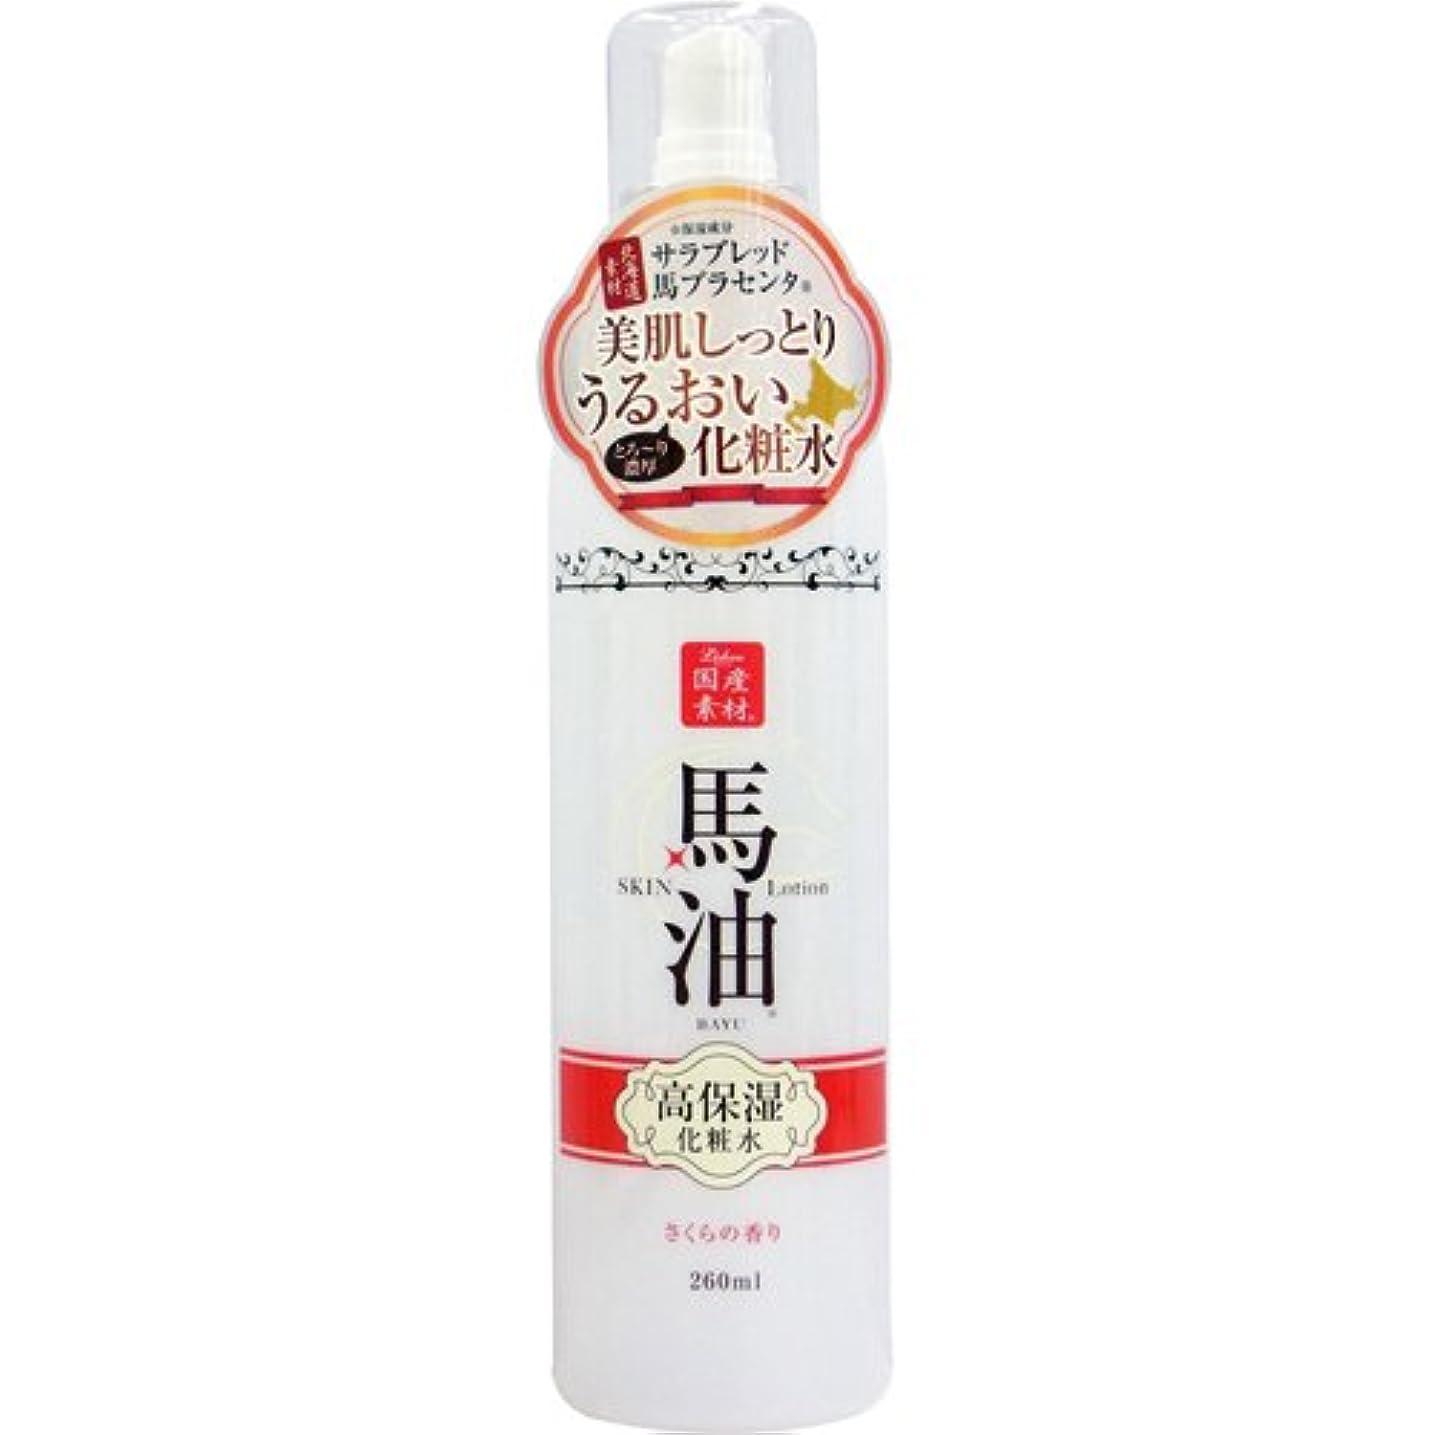 指標ヒント高揚したリシャン 馬油化粧水 (さくらの香り) (260mL)